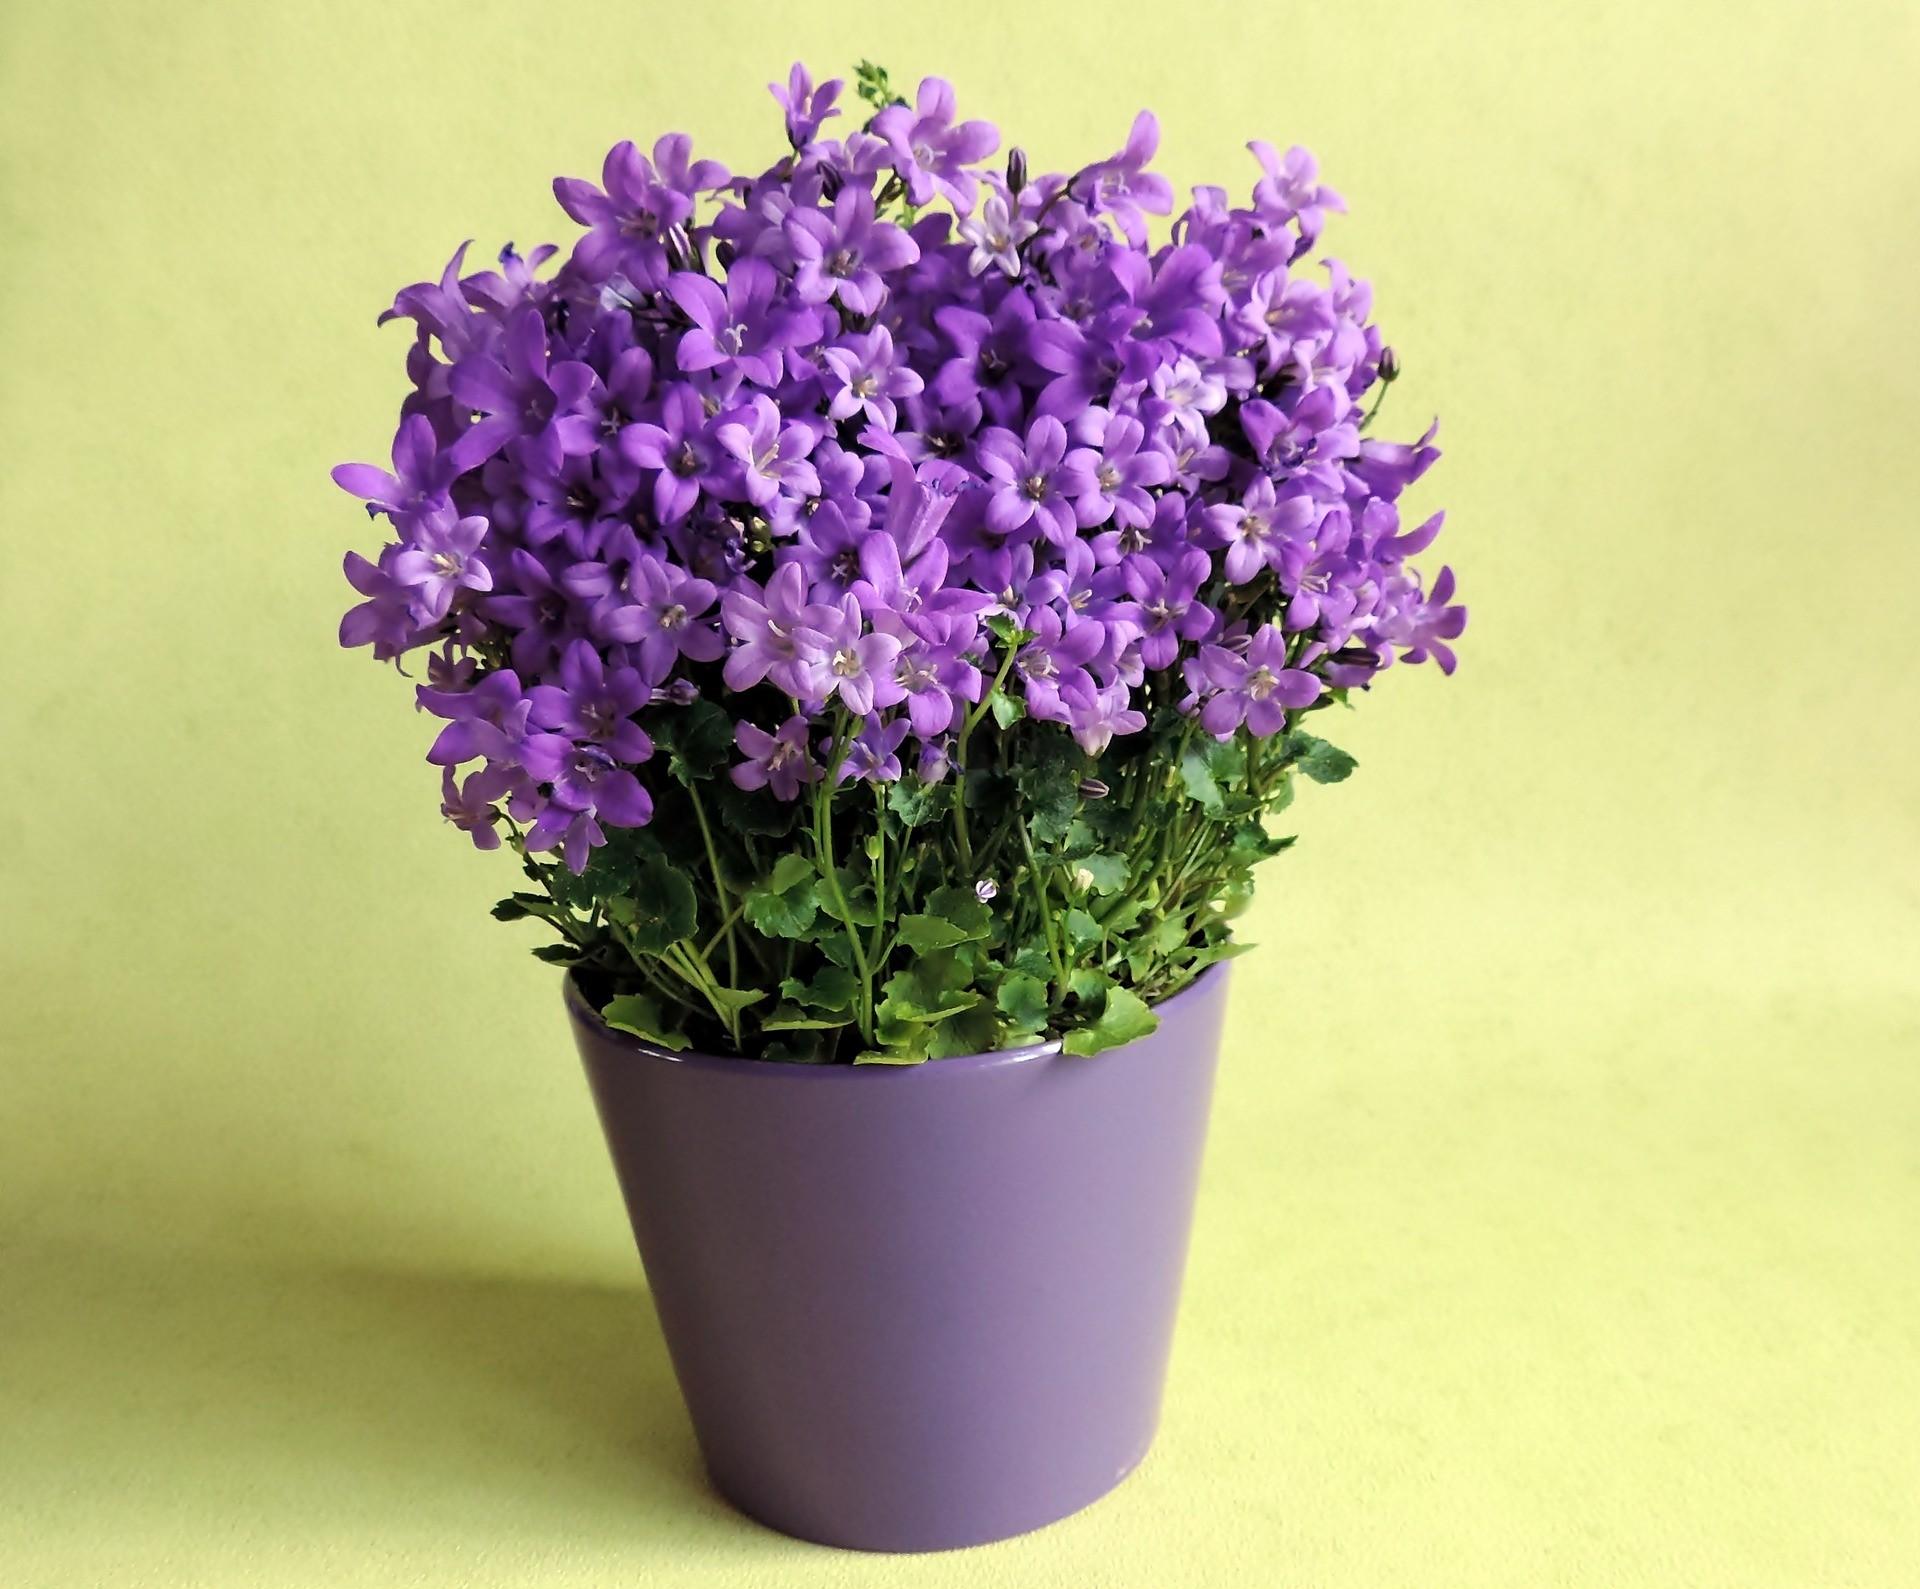 jak-zachecac Dolores-pozytywna-dyscyplina dziecko-jak-kwiat zadbaj-o-dziecko